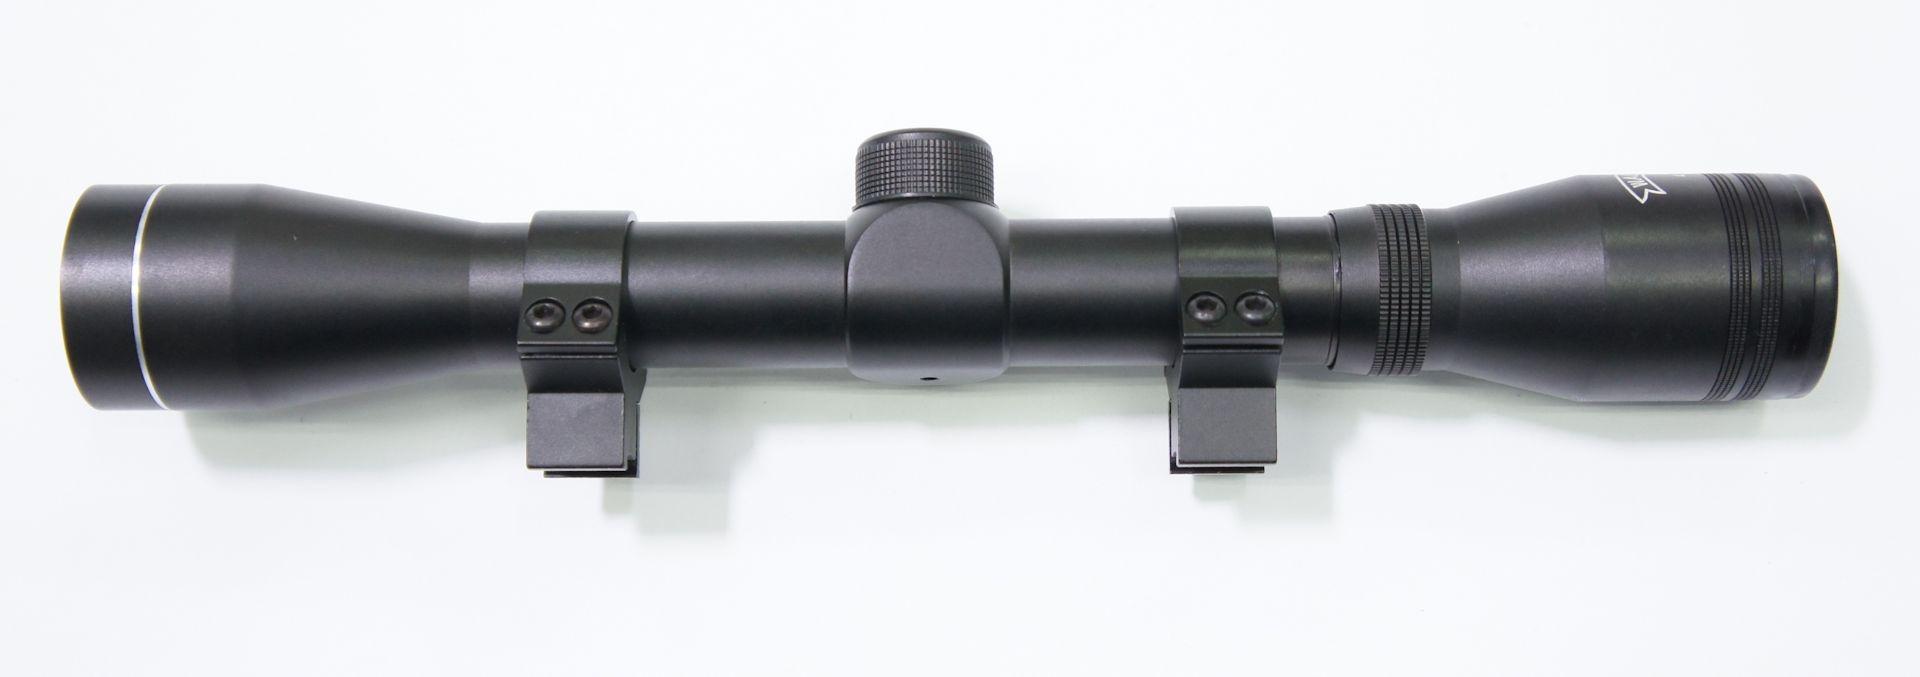 Walther Zielfernrohr 4x32 mit Montageringen